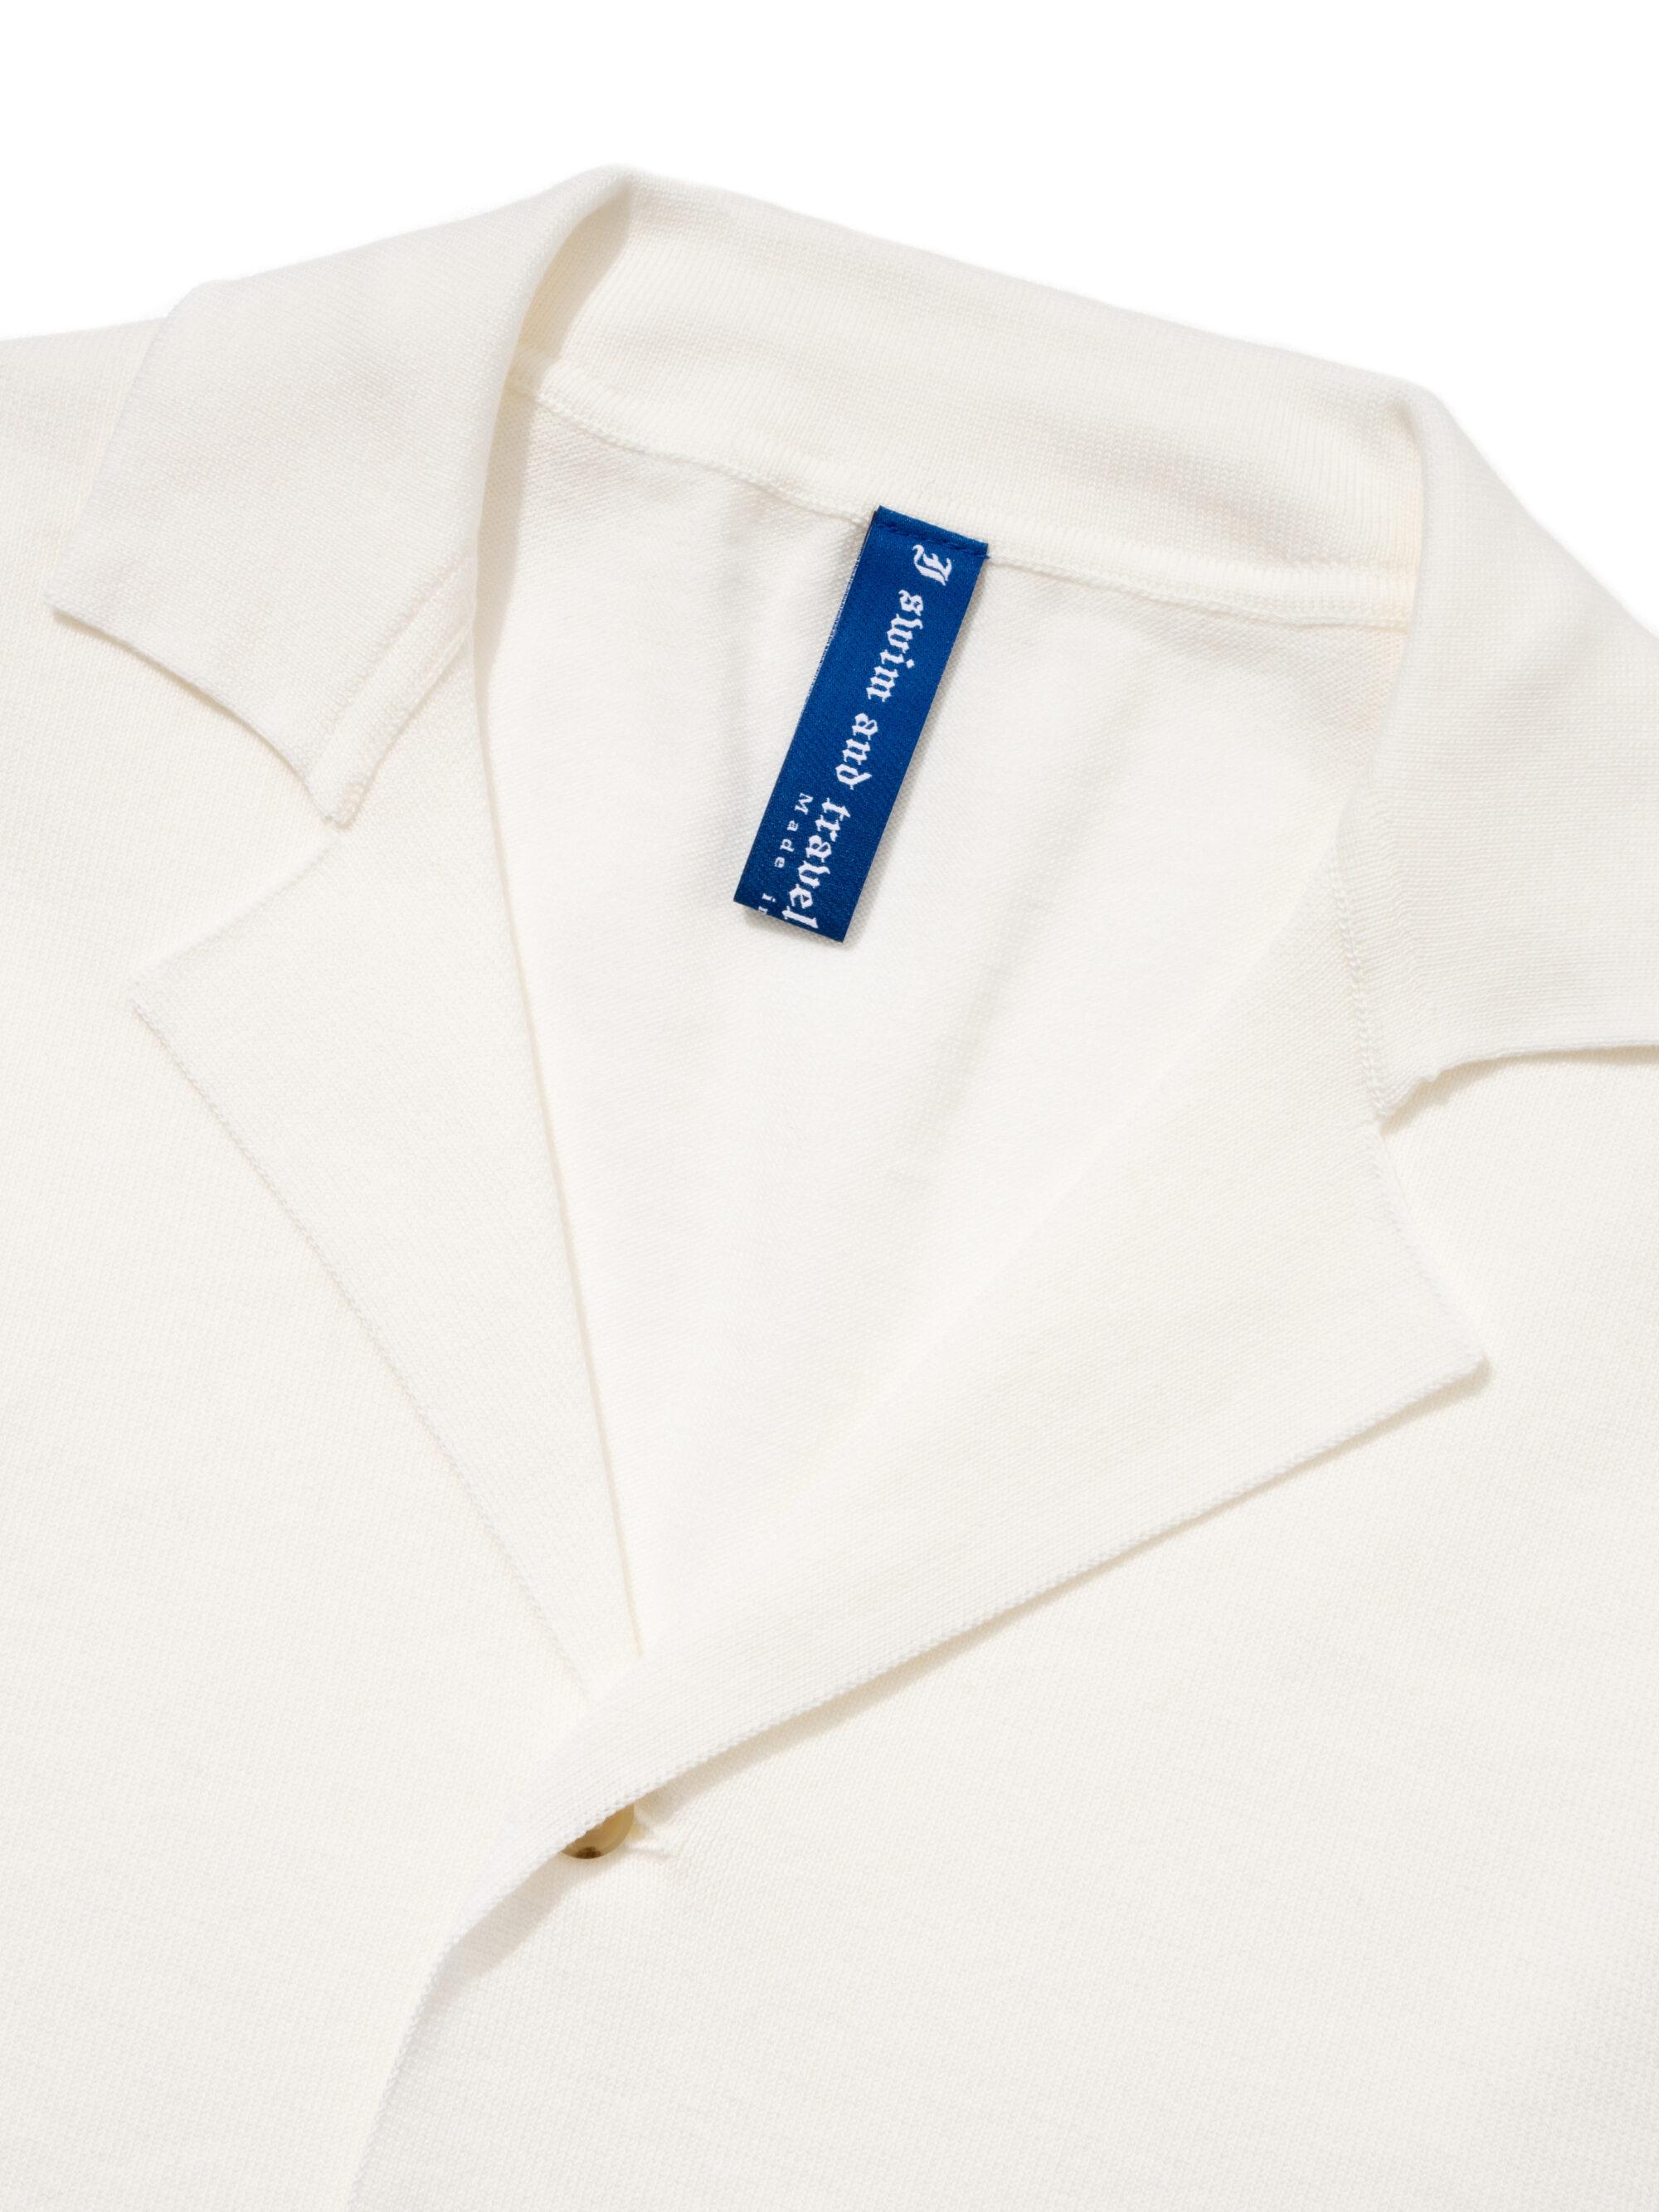 【超撥水】オーガニックコットン100%使用 最高級 半袖オープンニットシャツ - 白